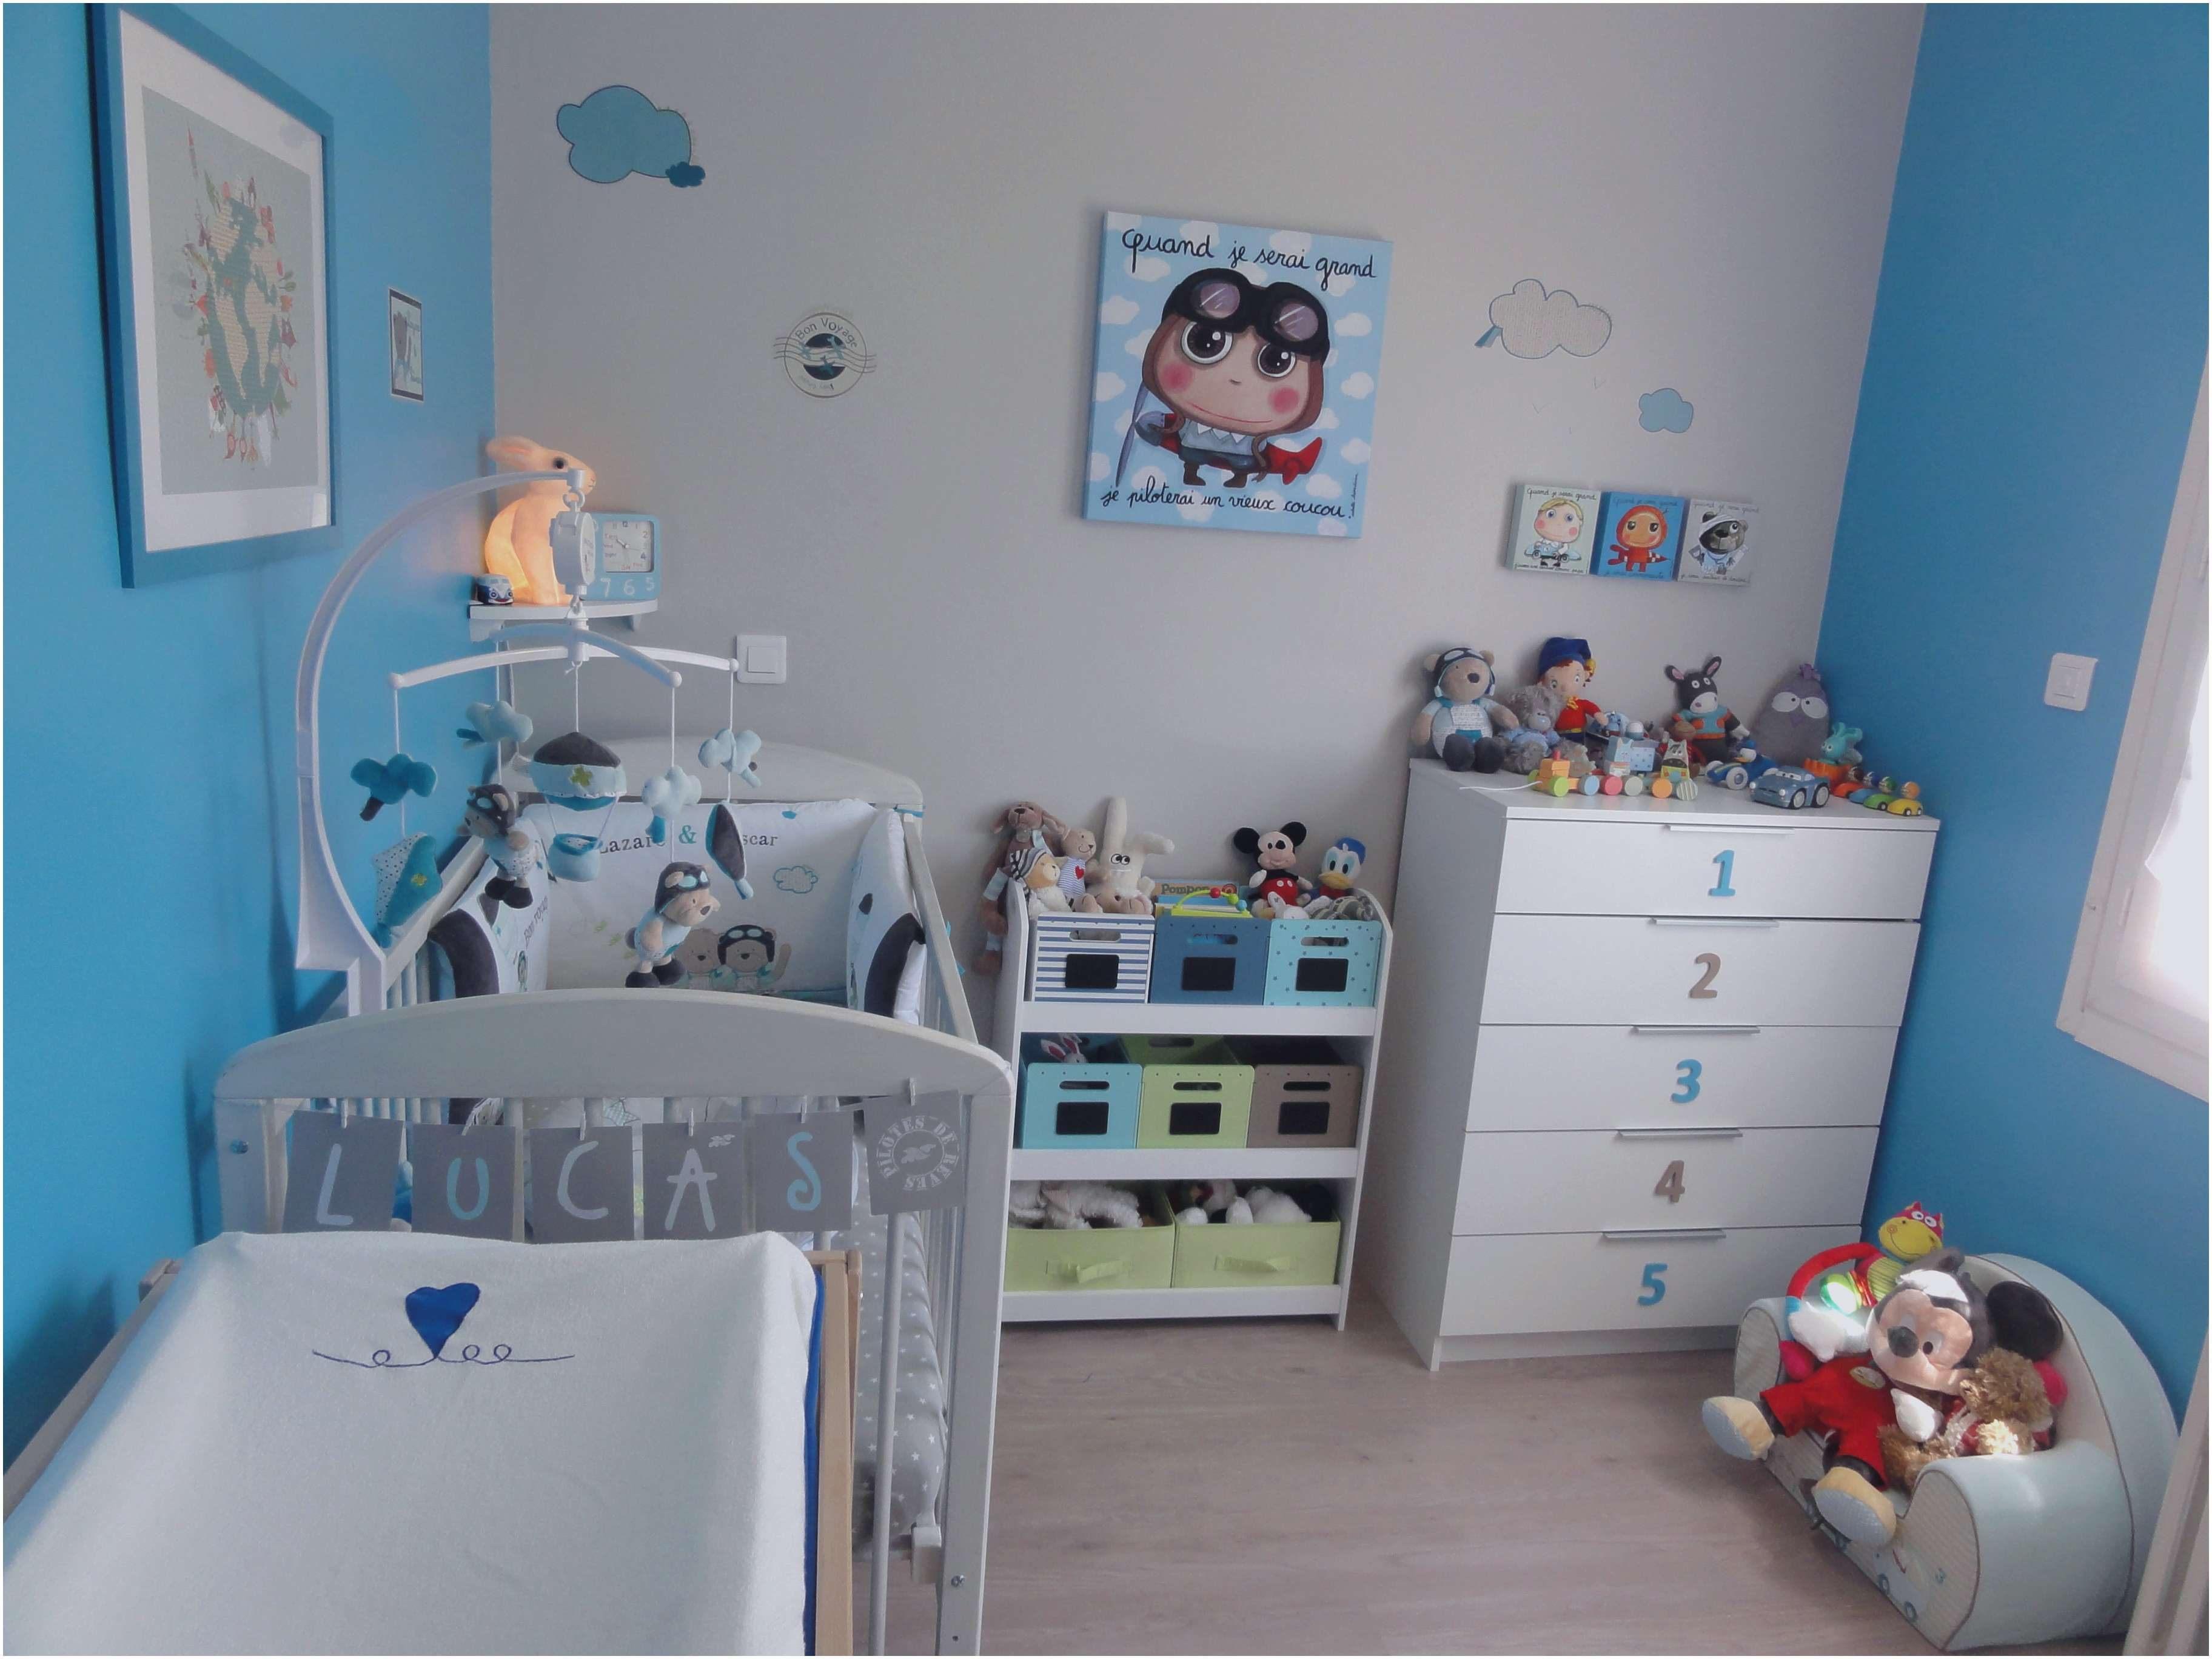 Luxe Drap Lit Bébé Housse Matelas Bébé Frais Parc B C3 A9b C3 A9